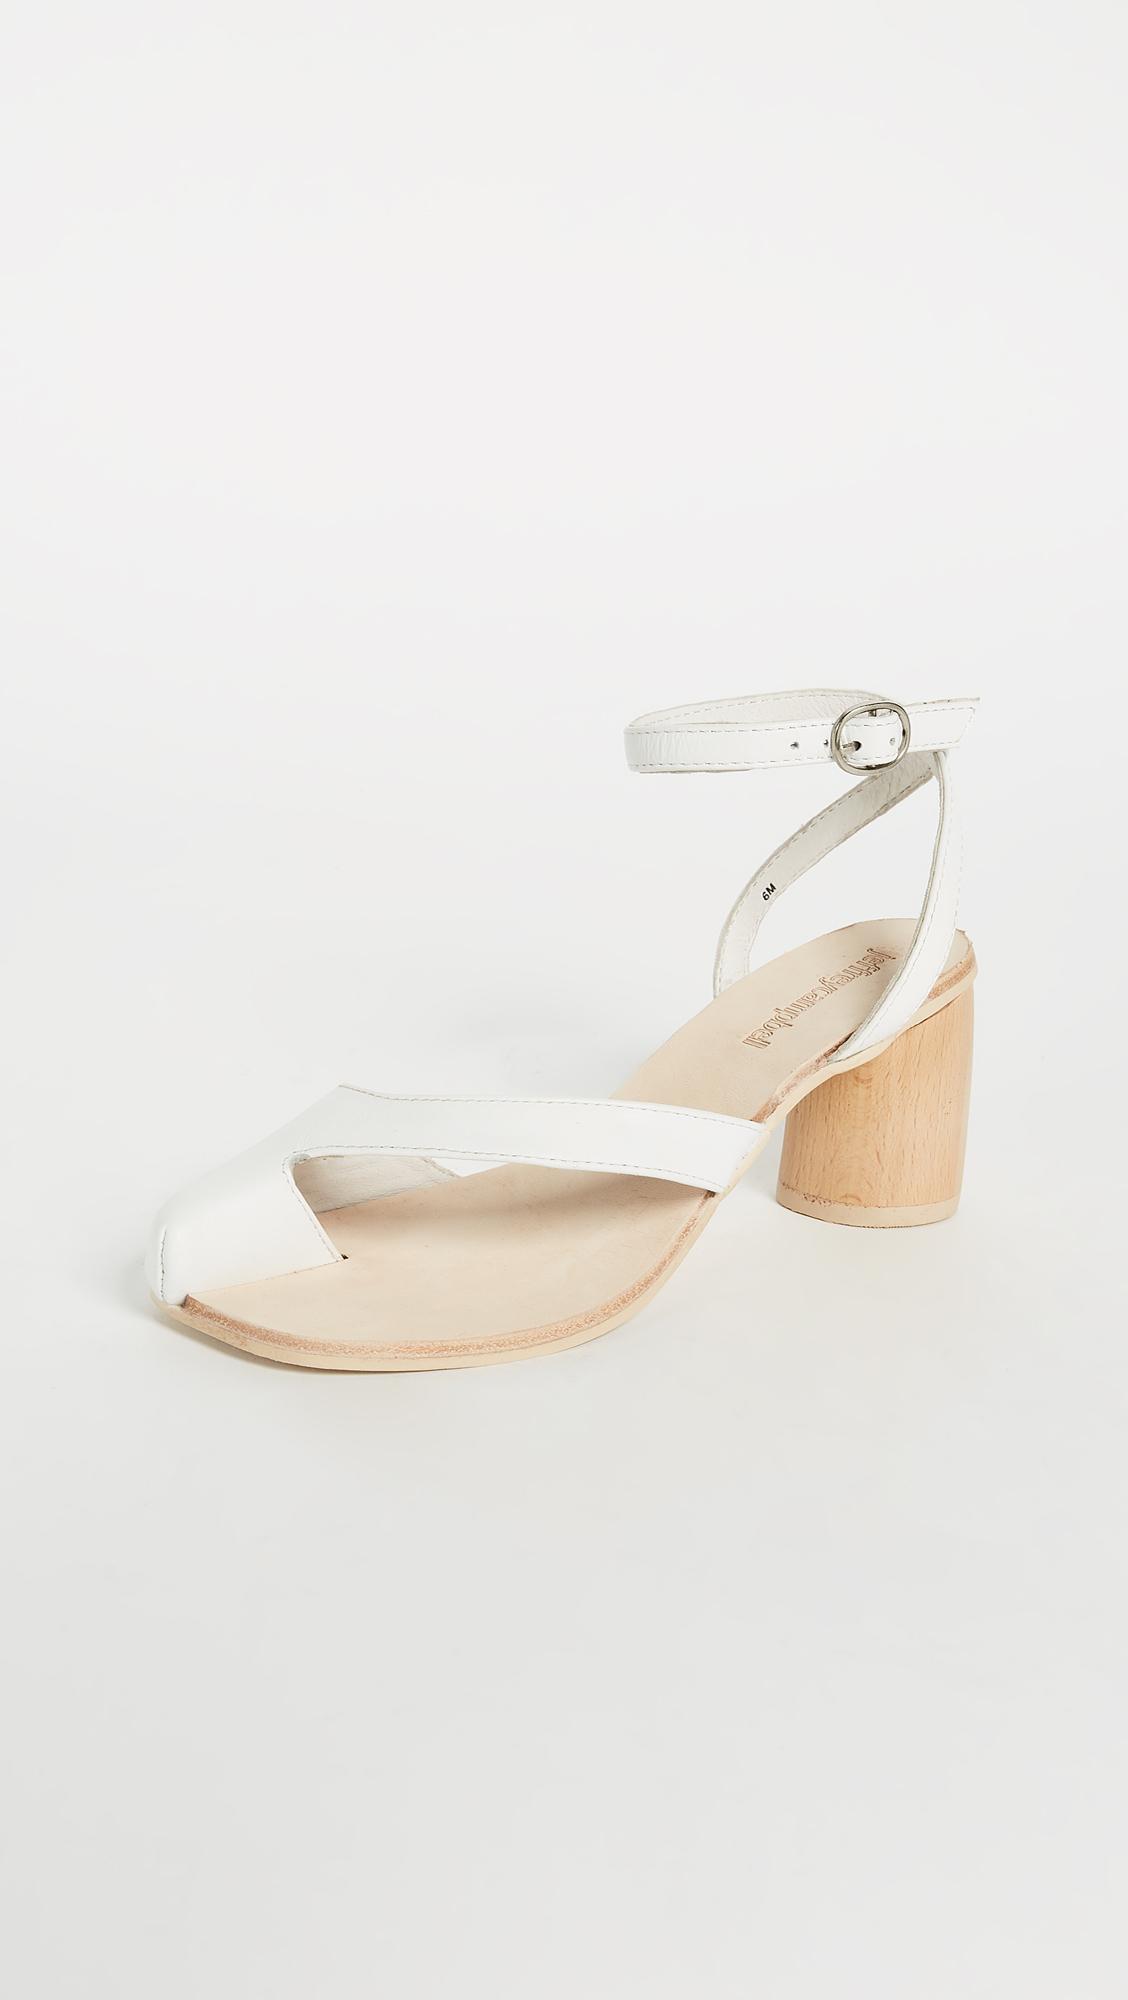 9d2fa928d41 Jeffrey Campbell Hex Block Heel Sandals